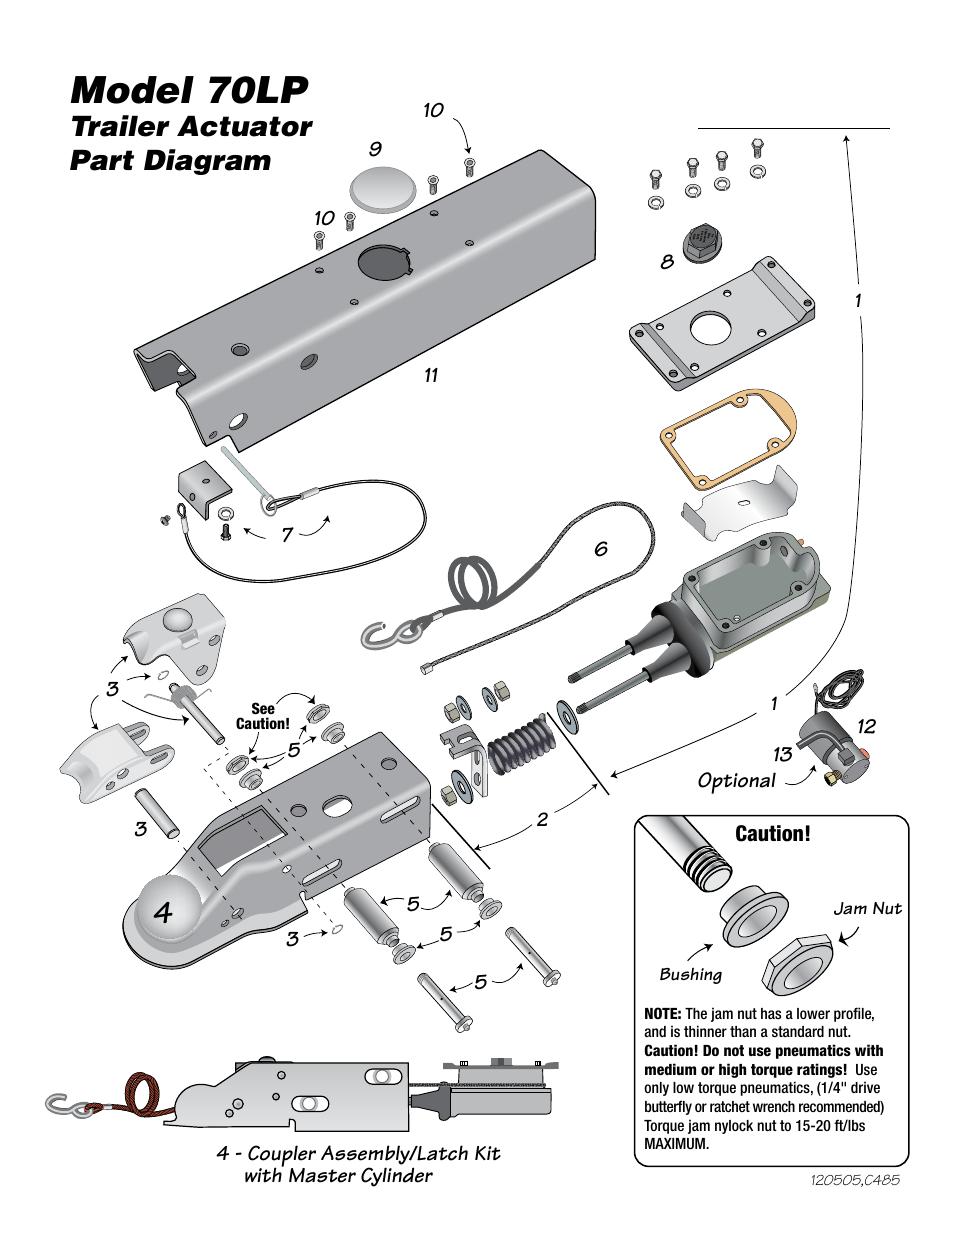 hight resolution of model 70lp model 70lp actuator parts list trailer actuator part diagram tie down 70lp user manual page 4 8